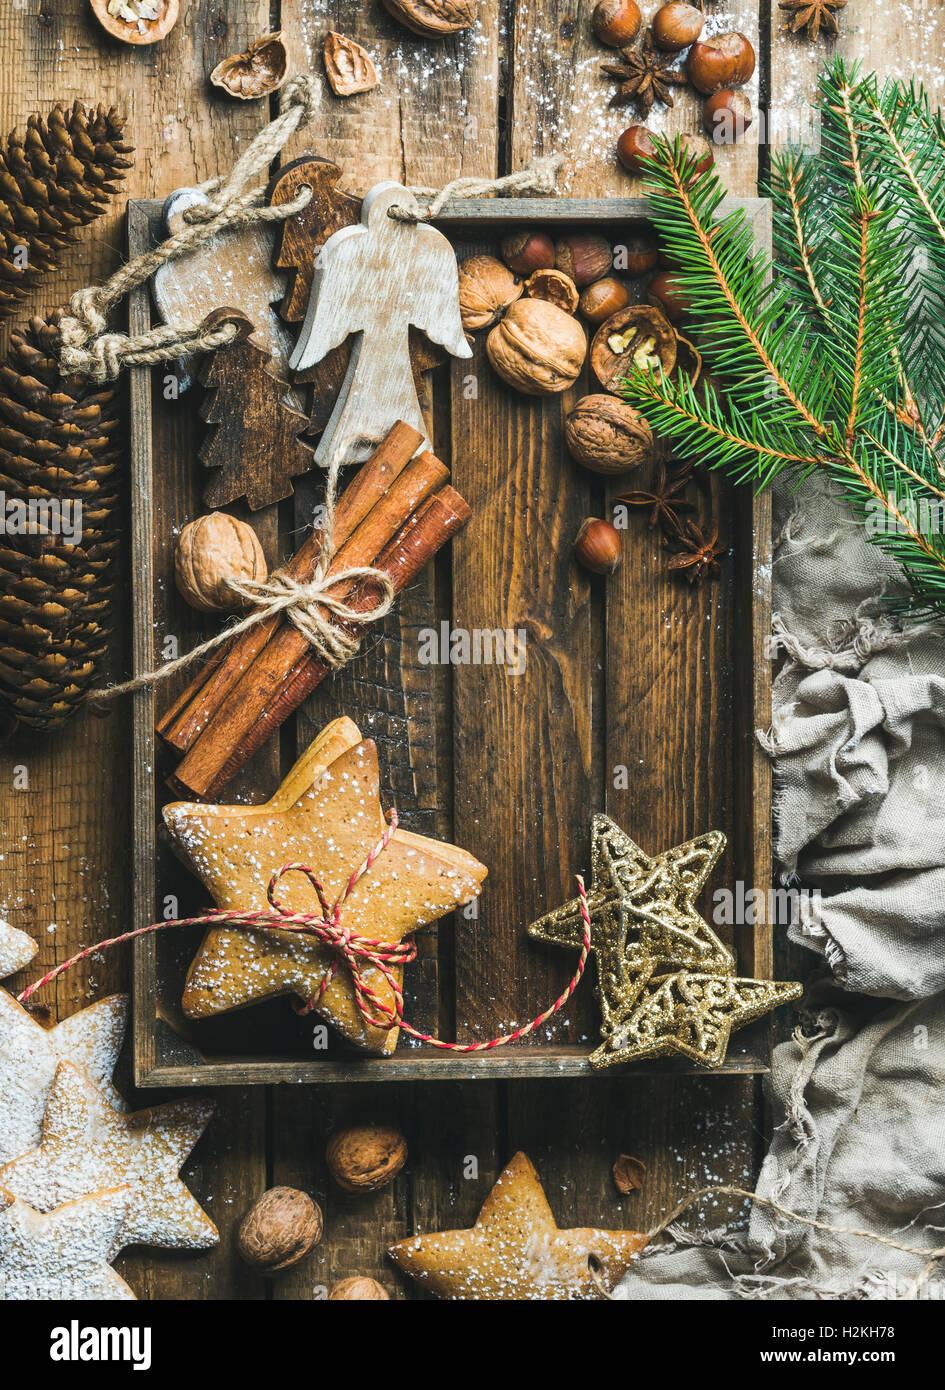 Pan de jengibre galletas en forma de estrella, ángeles, estrellas decorativas de madera, nueces y especias Imagen De Stock